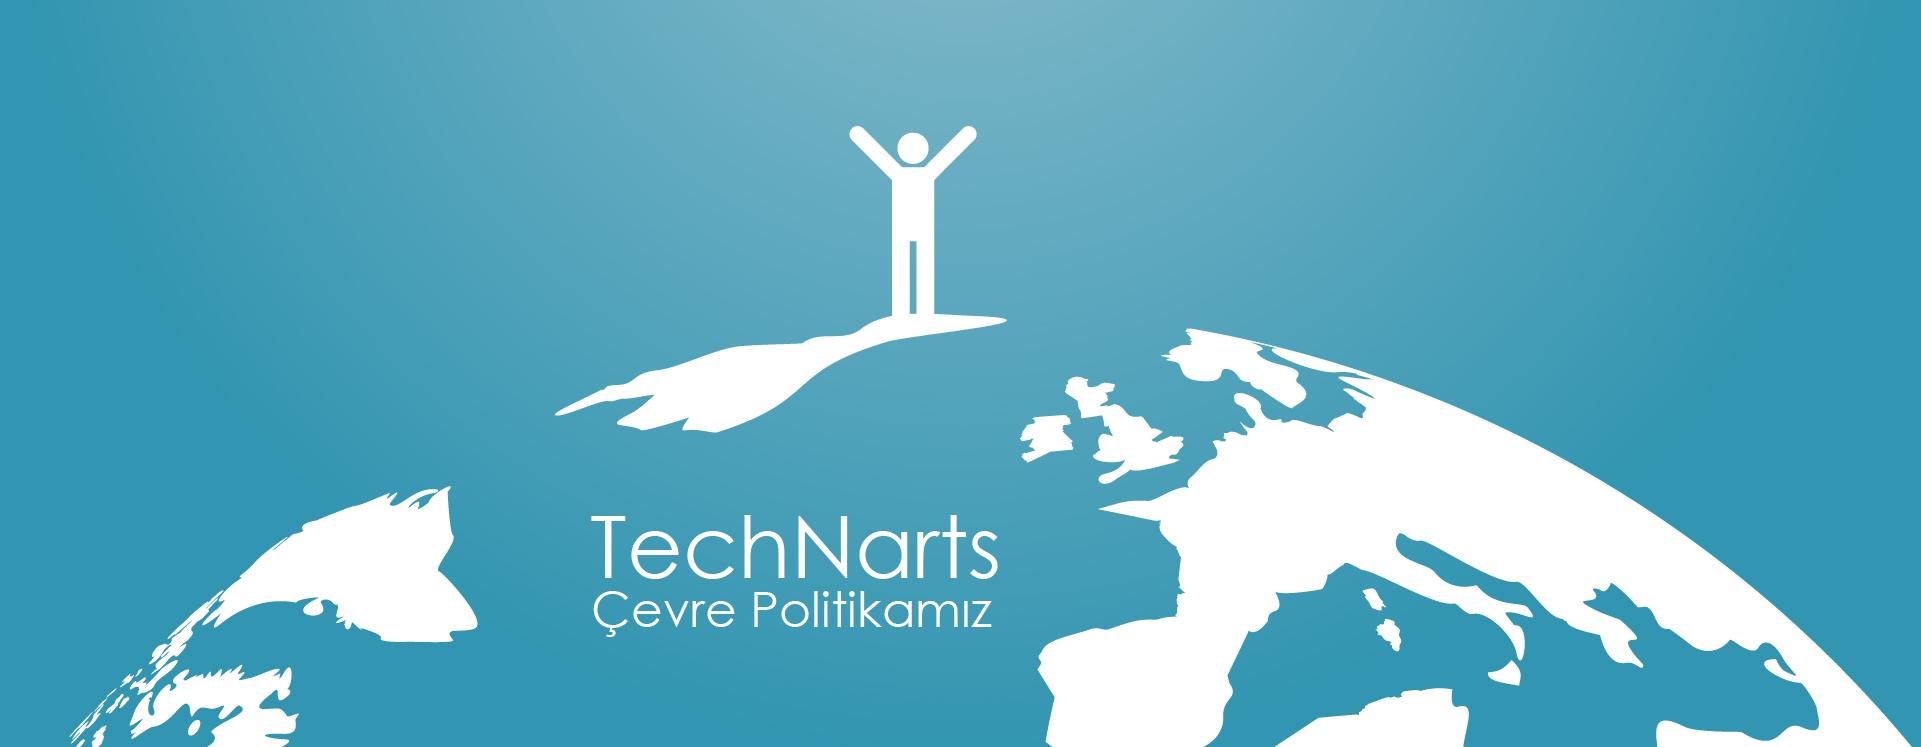 TechNarts - Nart Informatics